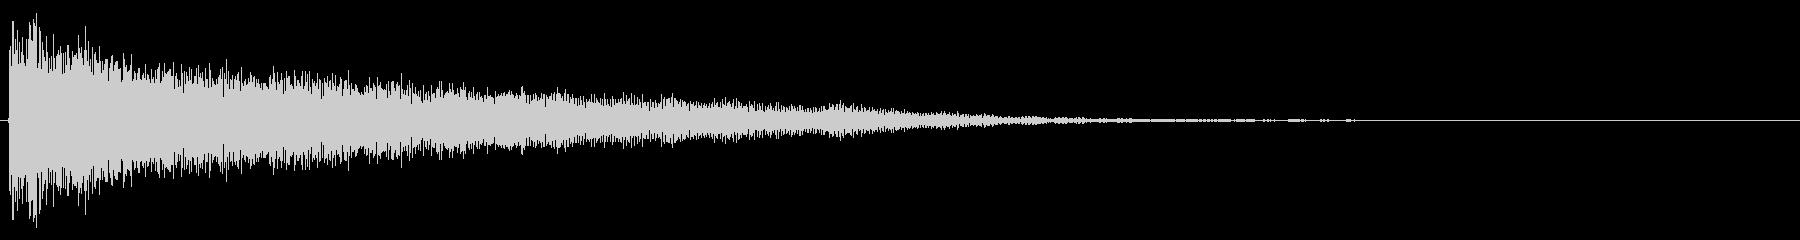 爽やかなワープ音、転送音の未再生の波形